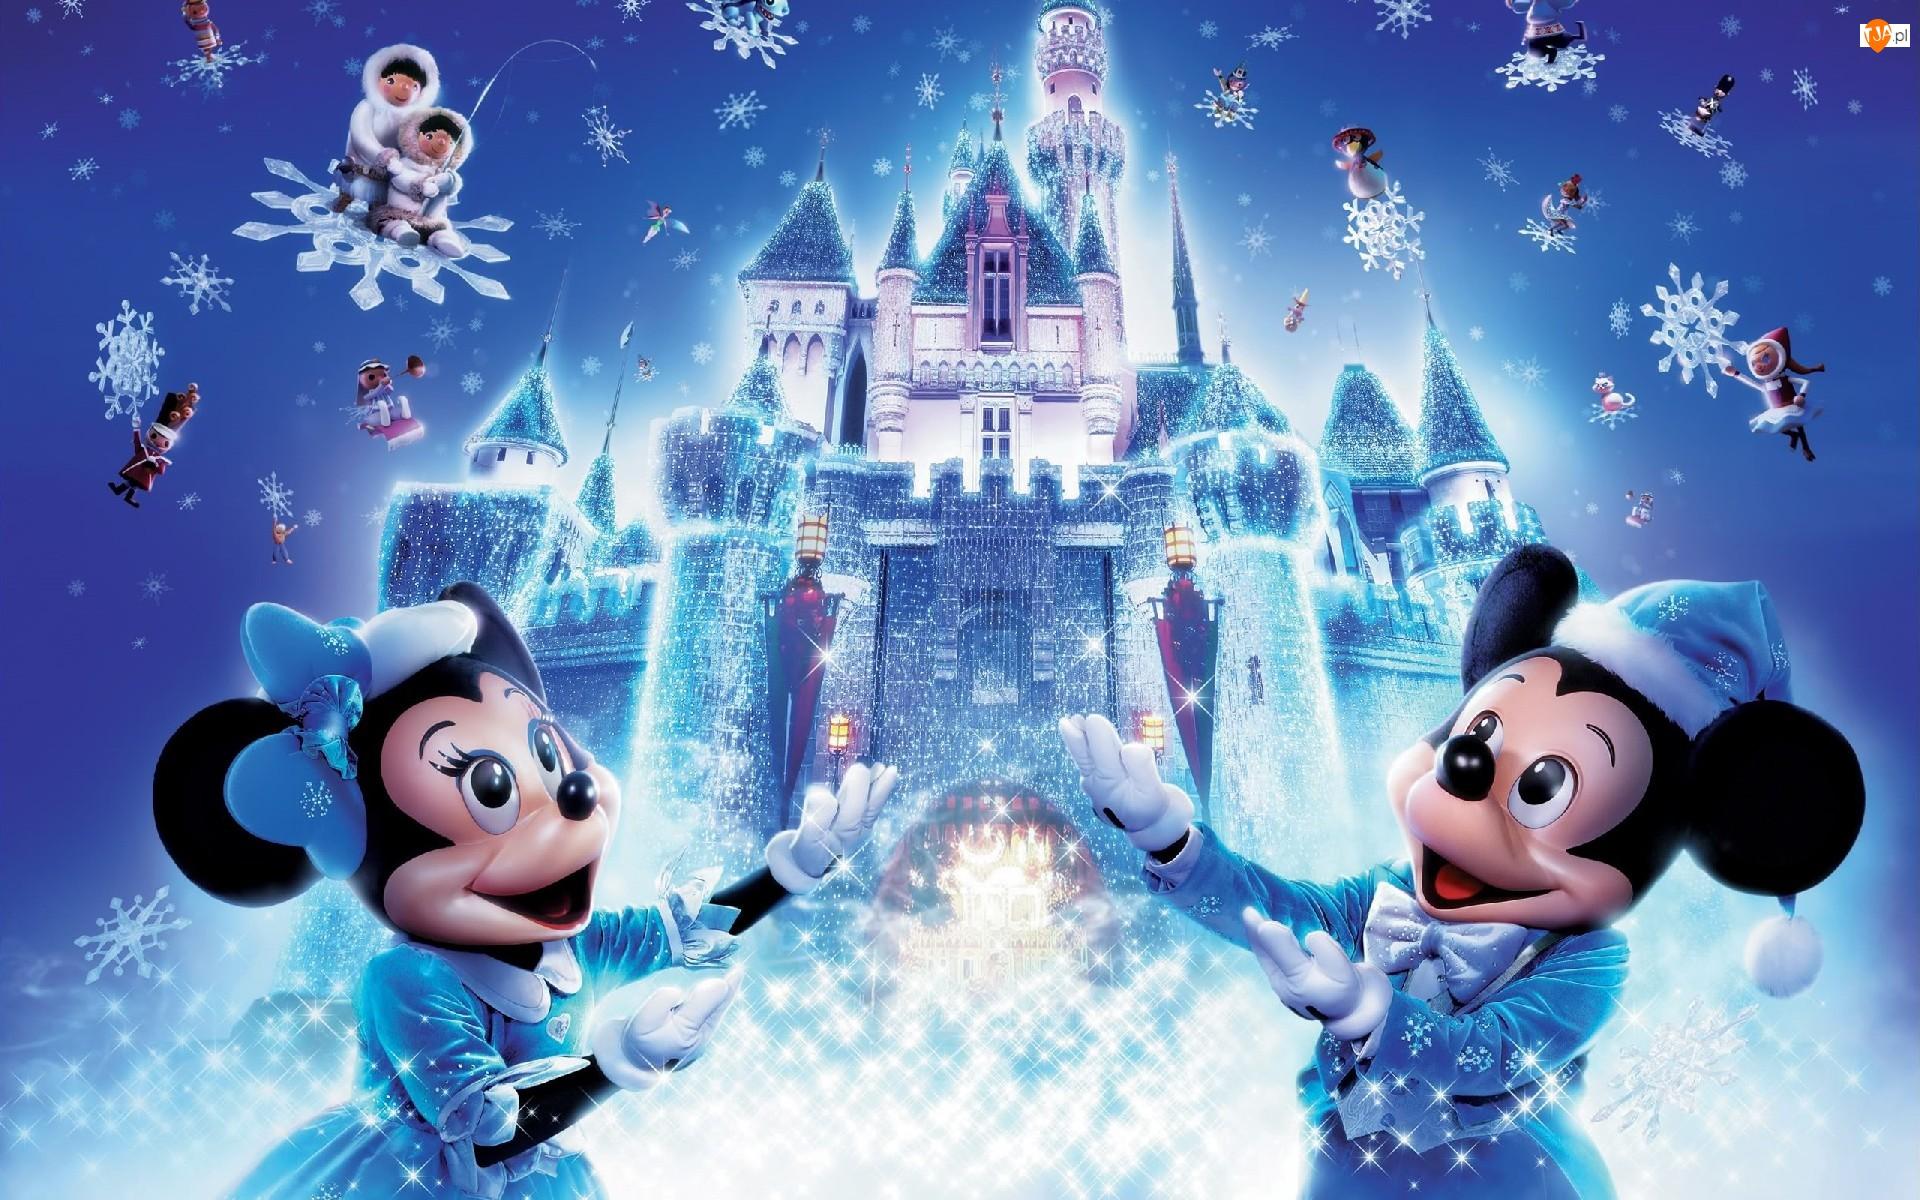 Śniegu, Disneyland, Miki, Myszka, Płatki